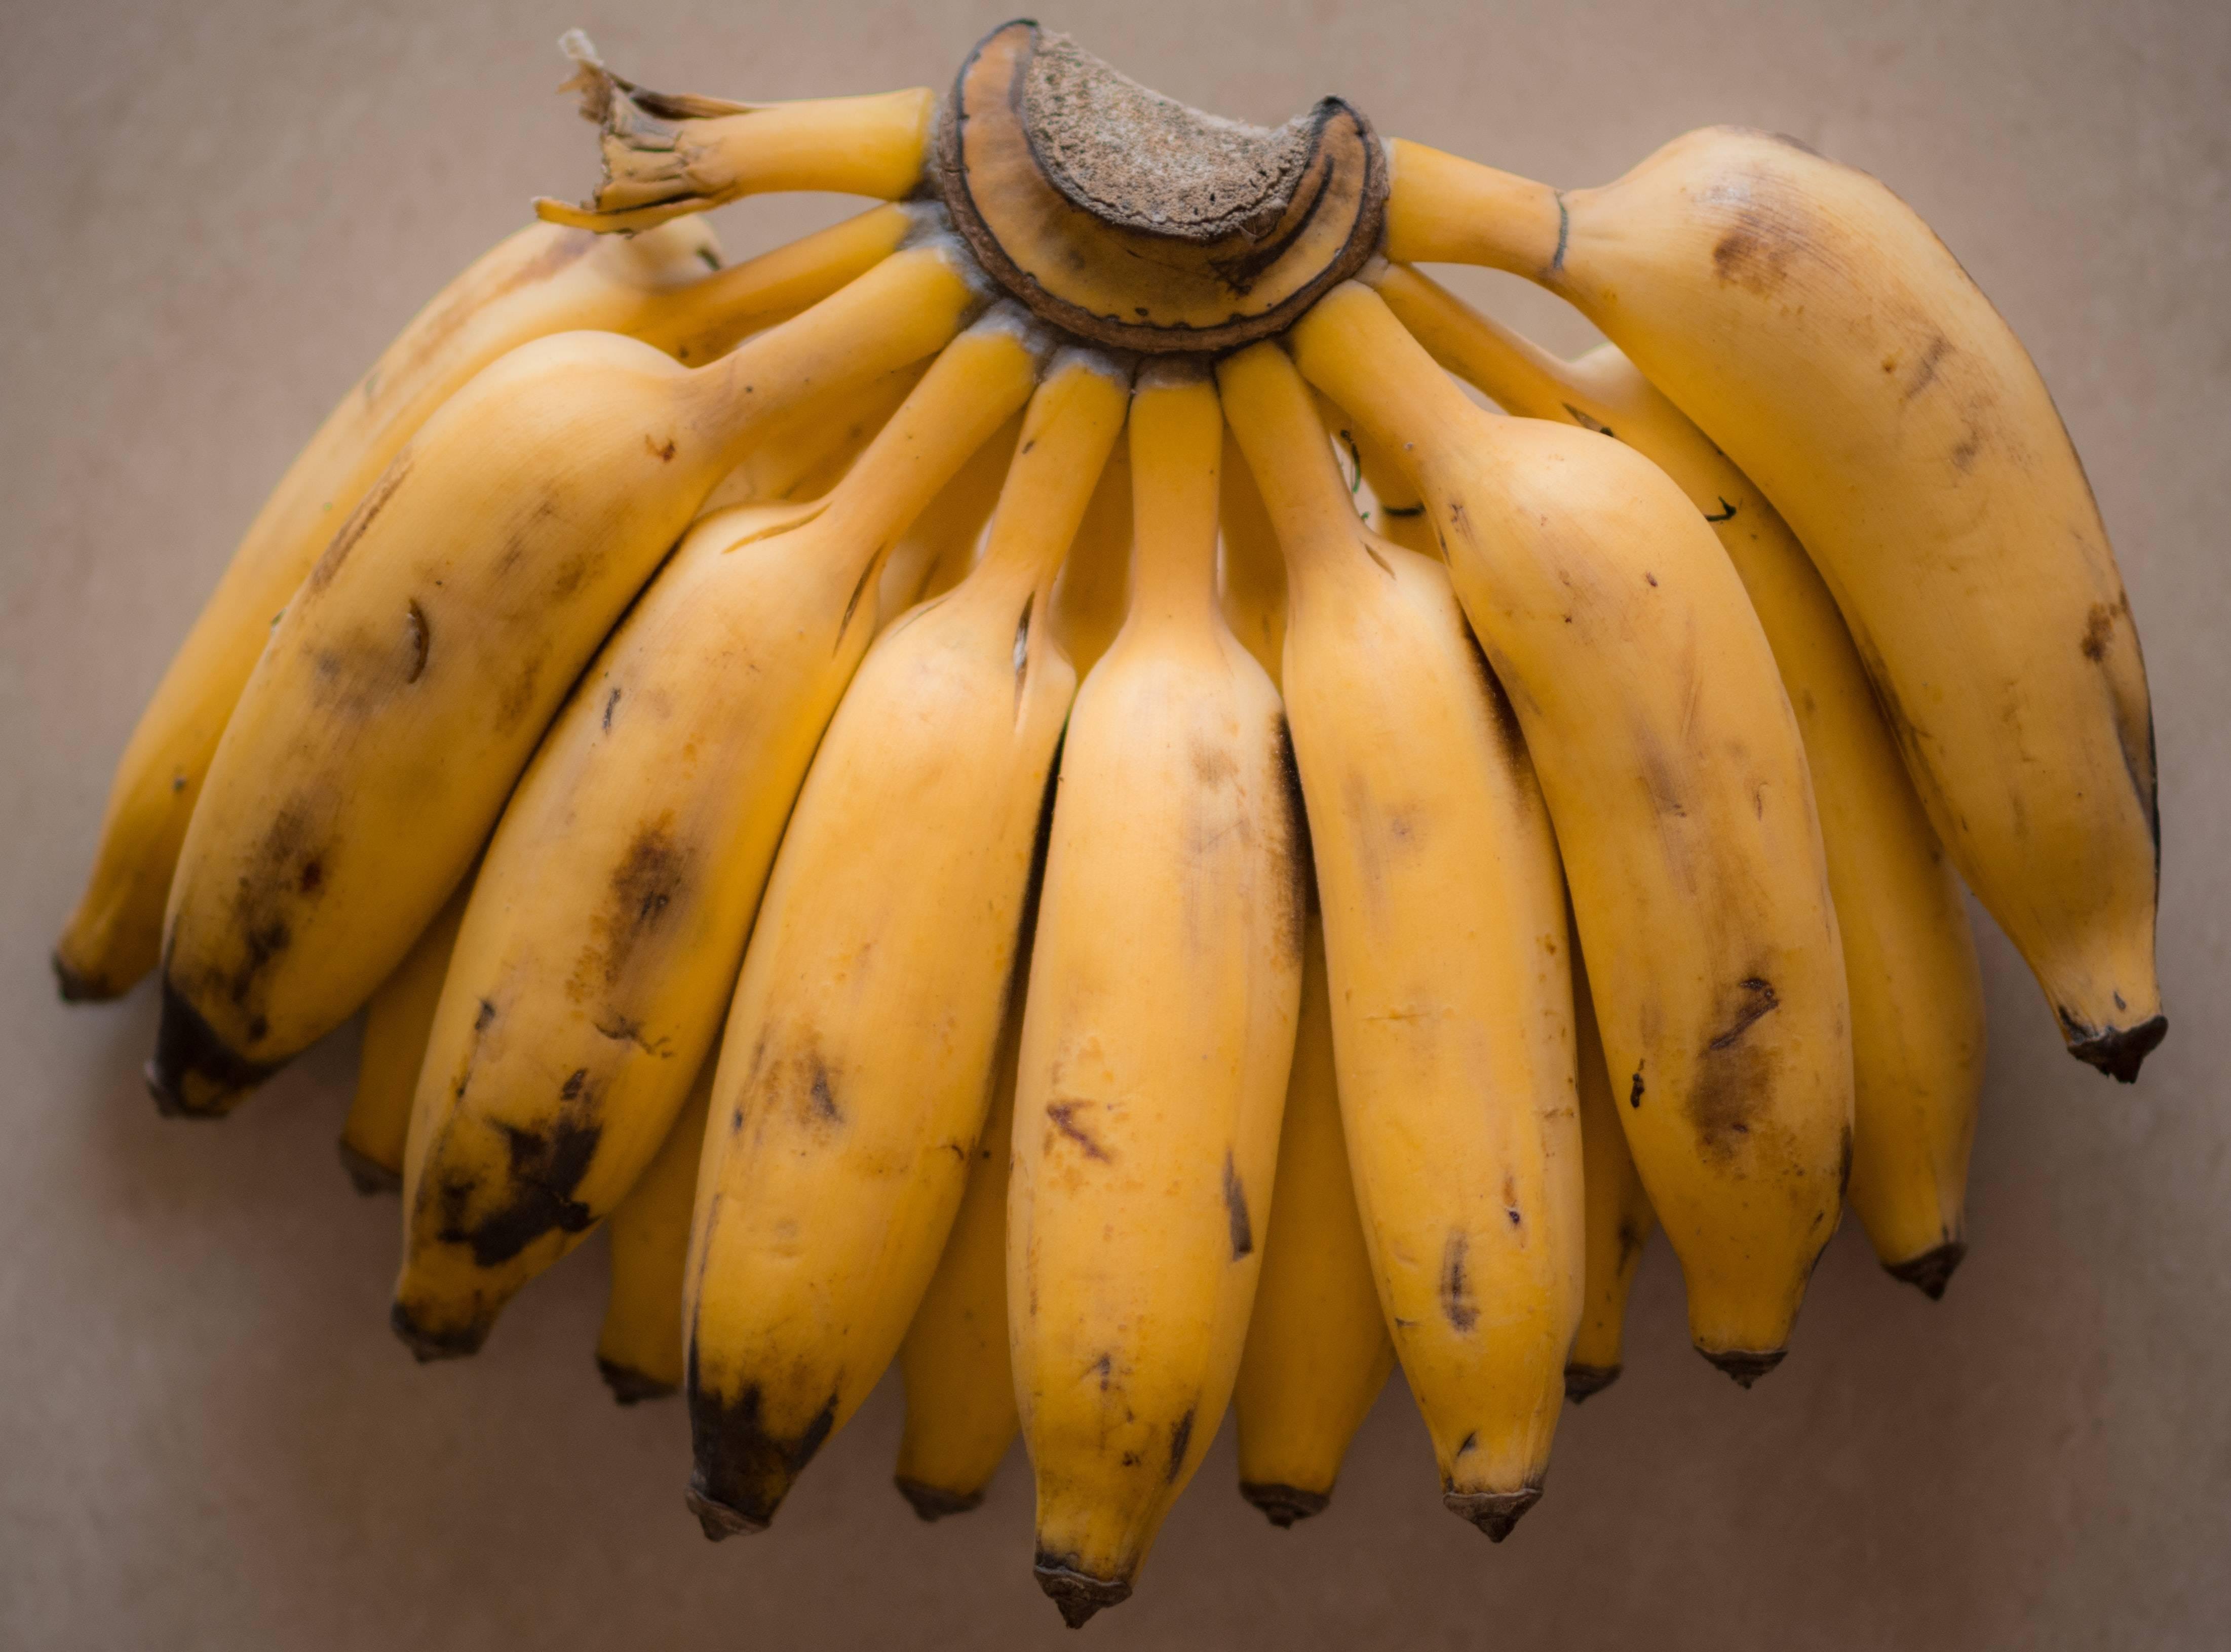 La banane, un fruit delicieux pour de nombreuses recettes